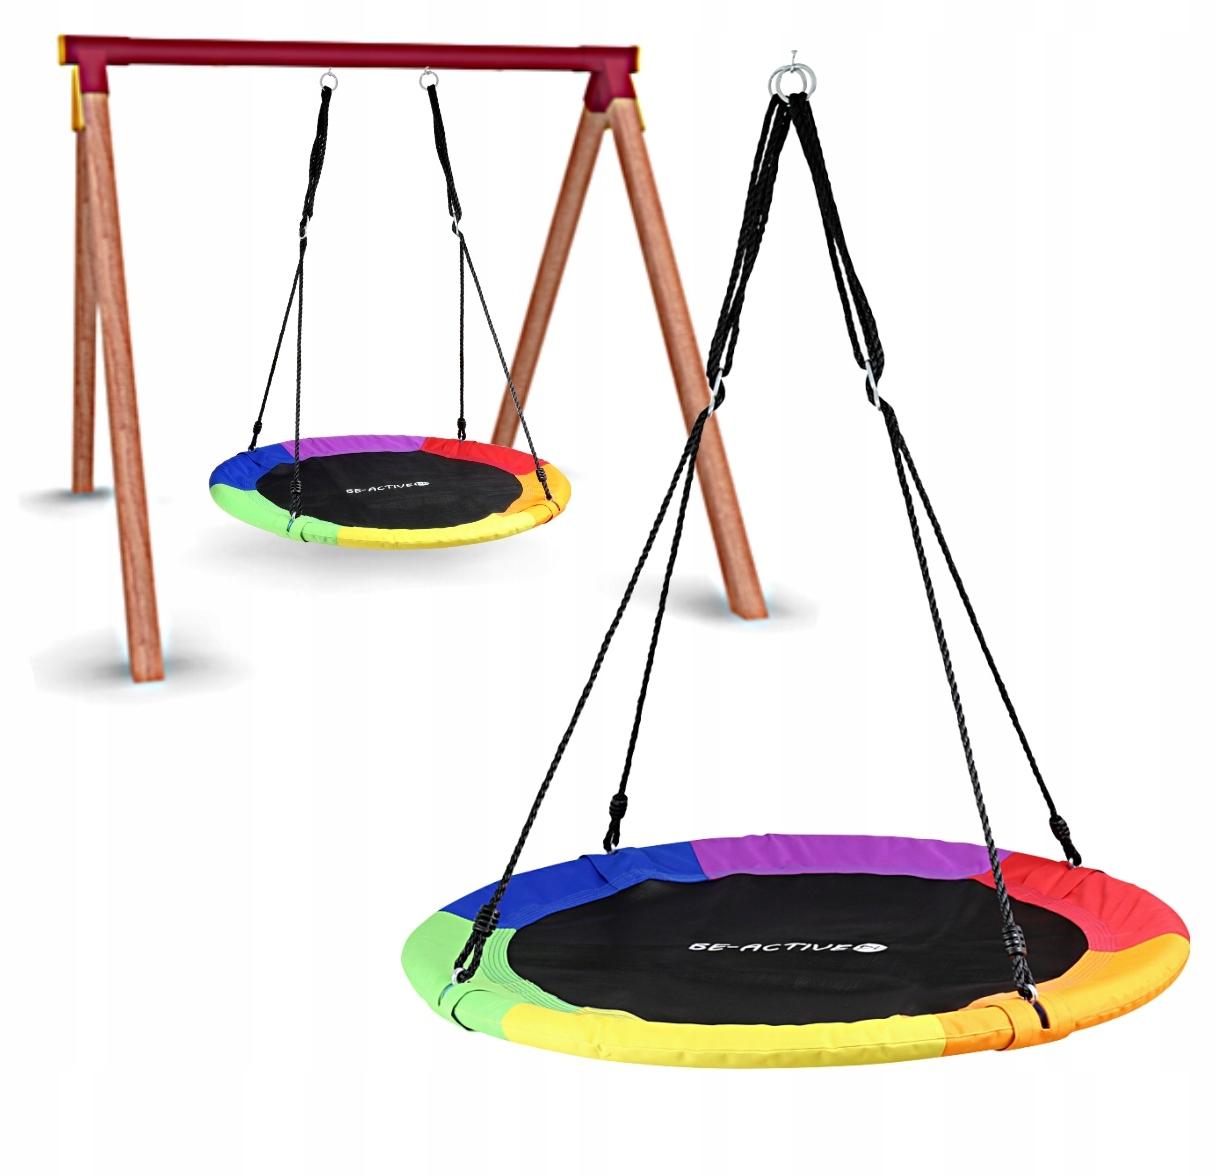 Swing Stork 100см гнездо для детей 150 кг